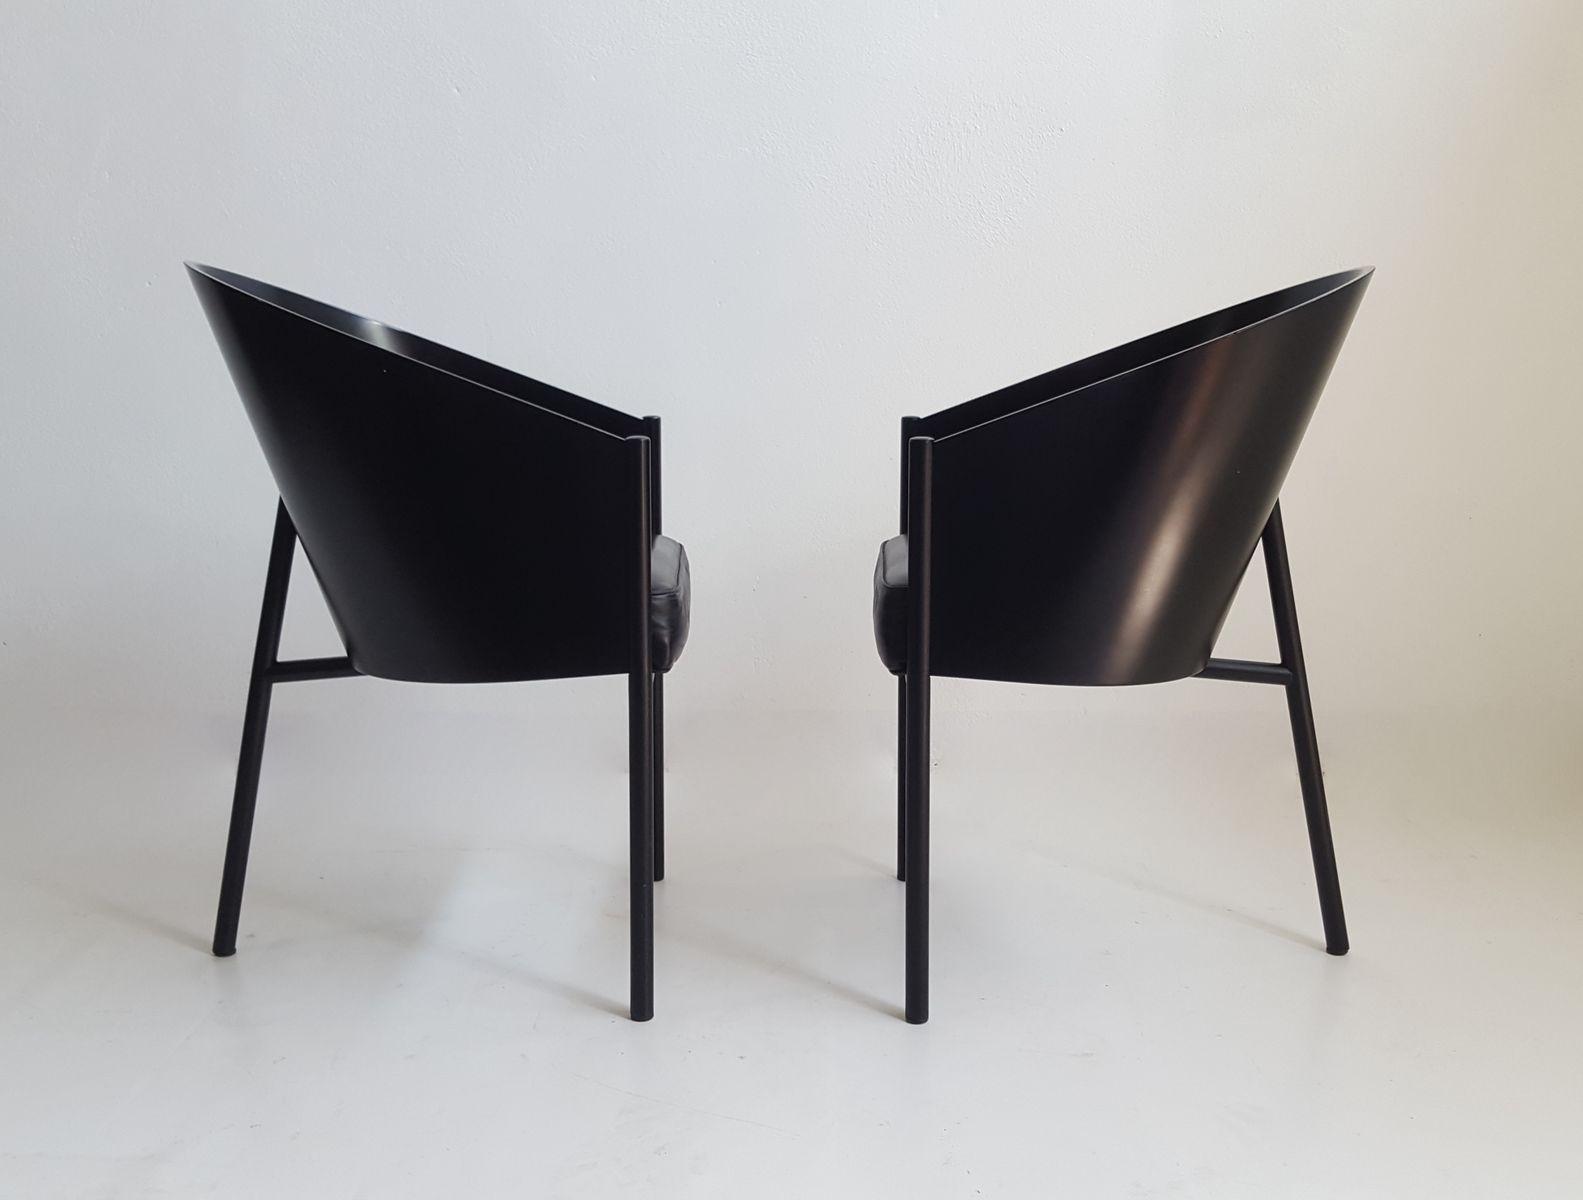 chaise costes par philippe starck pour driade 1980s en vente sur pamono. Black Bedroom Furniture Sets. Home Design Ideas